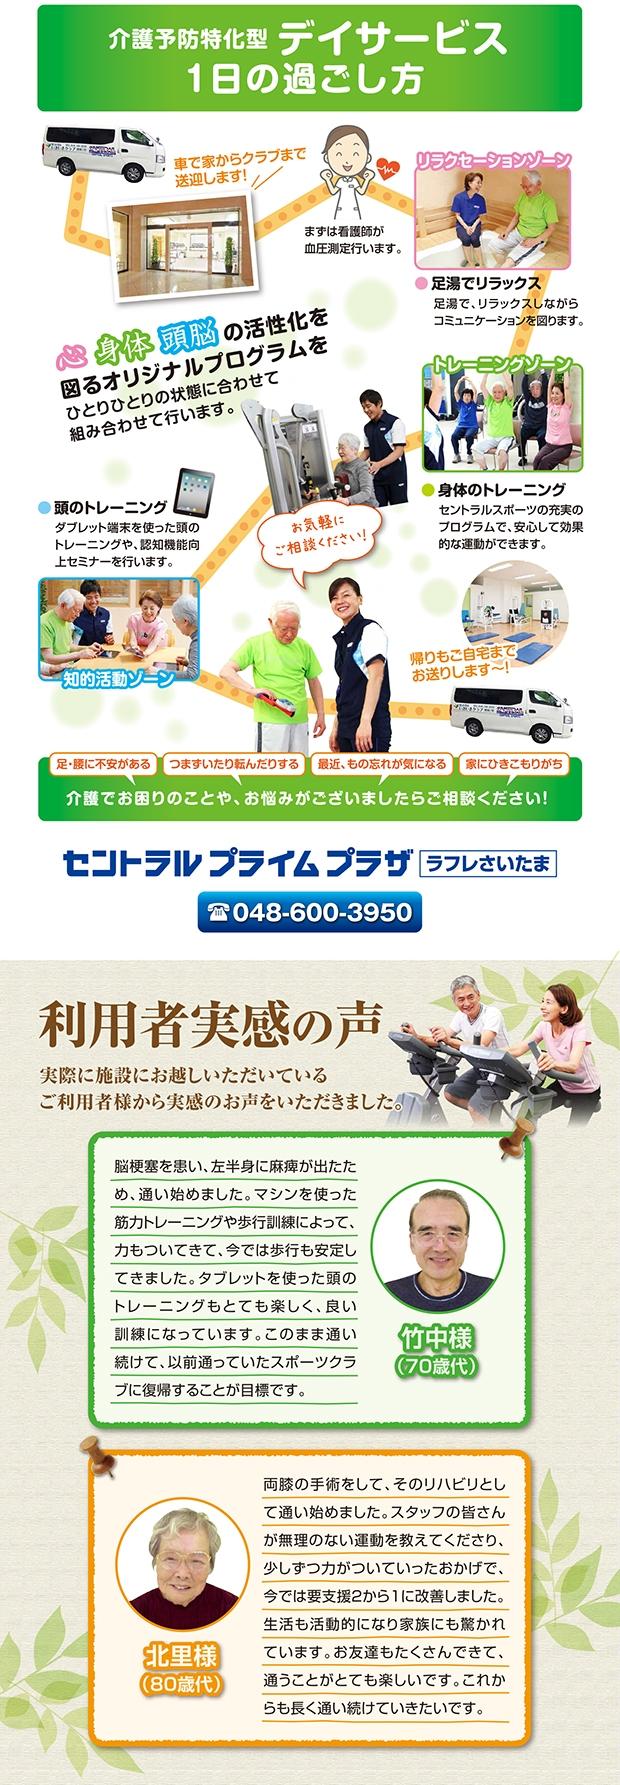 介護予防特化型デイサービスの運営